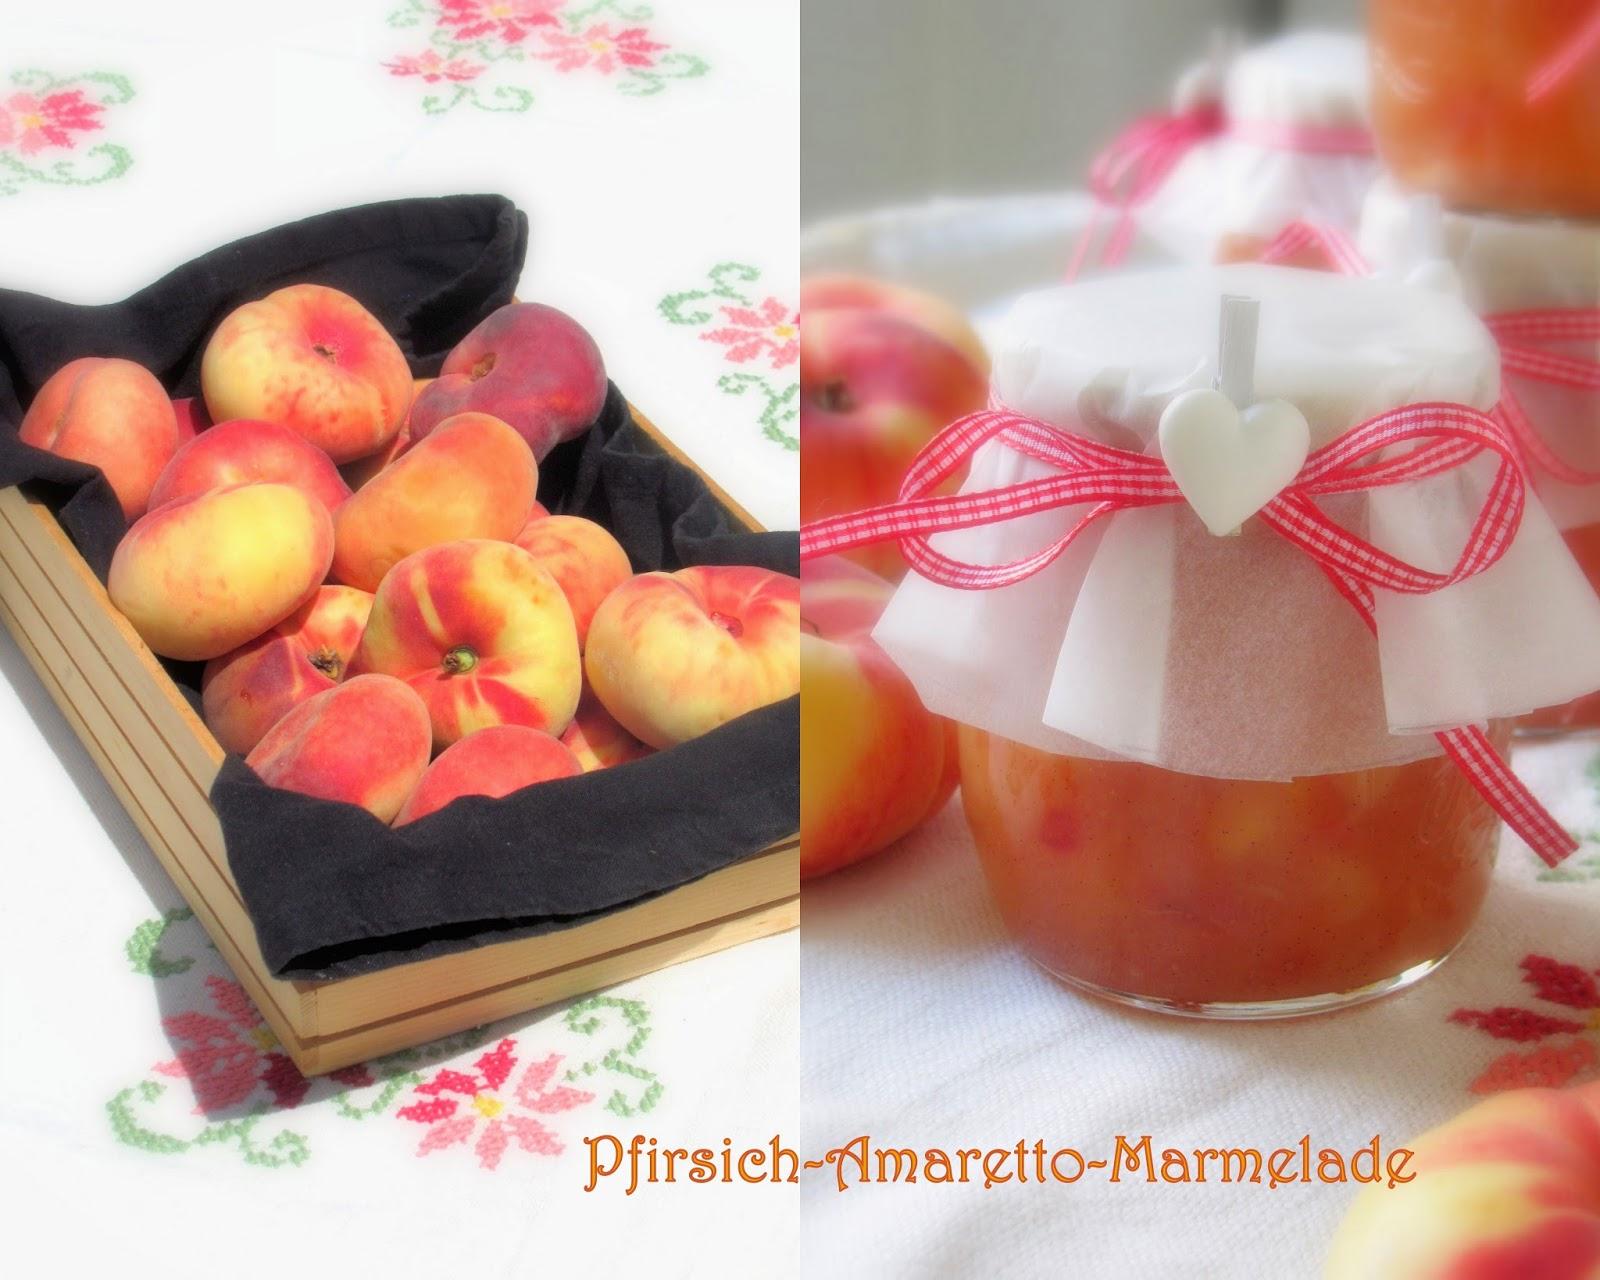 tra dolce ed amaro purer sommer im glas pfirsich amaretto marmelade mit vanille. Black Bedroom Furniture Sets. Home Design Ideas